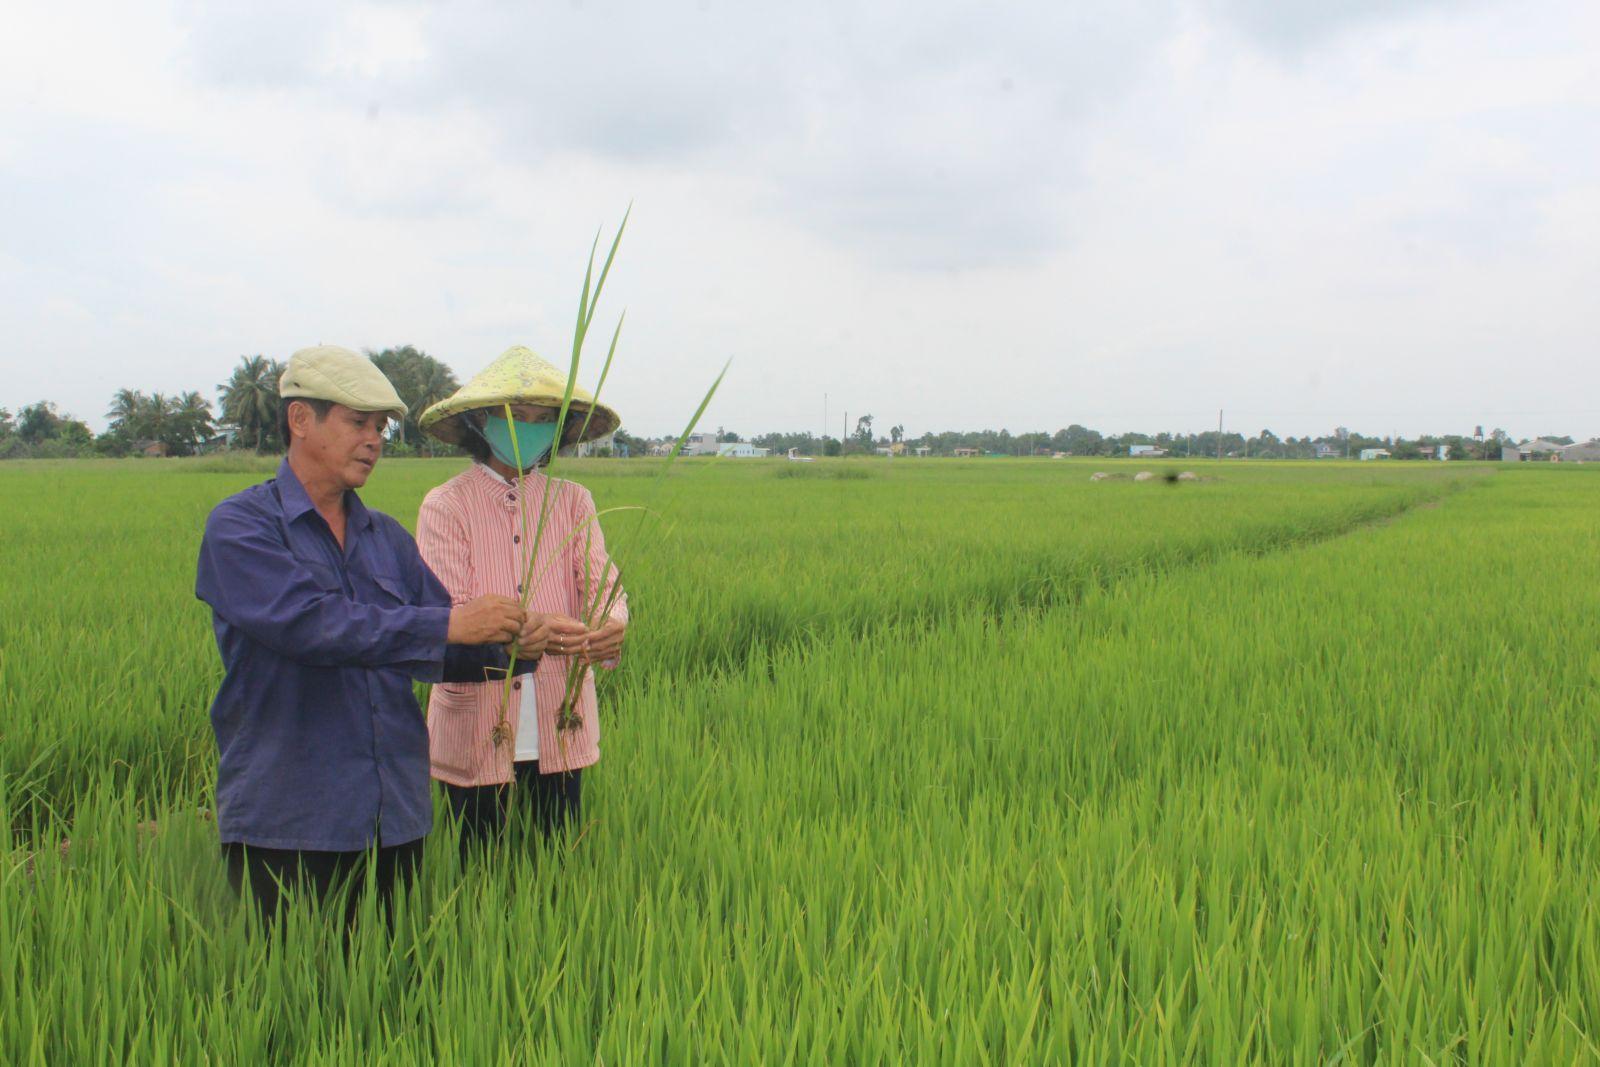 Vợ chồng bà Huỳnh Thị Sớm không chỉ nuôi con ăn học thành tài mà còn trở thành hộ khá giàu ở địa phương